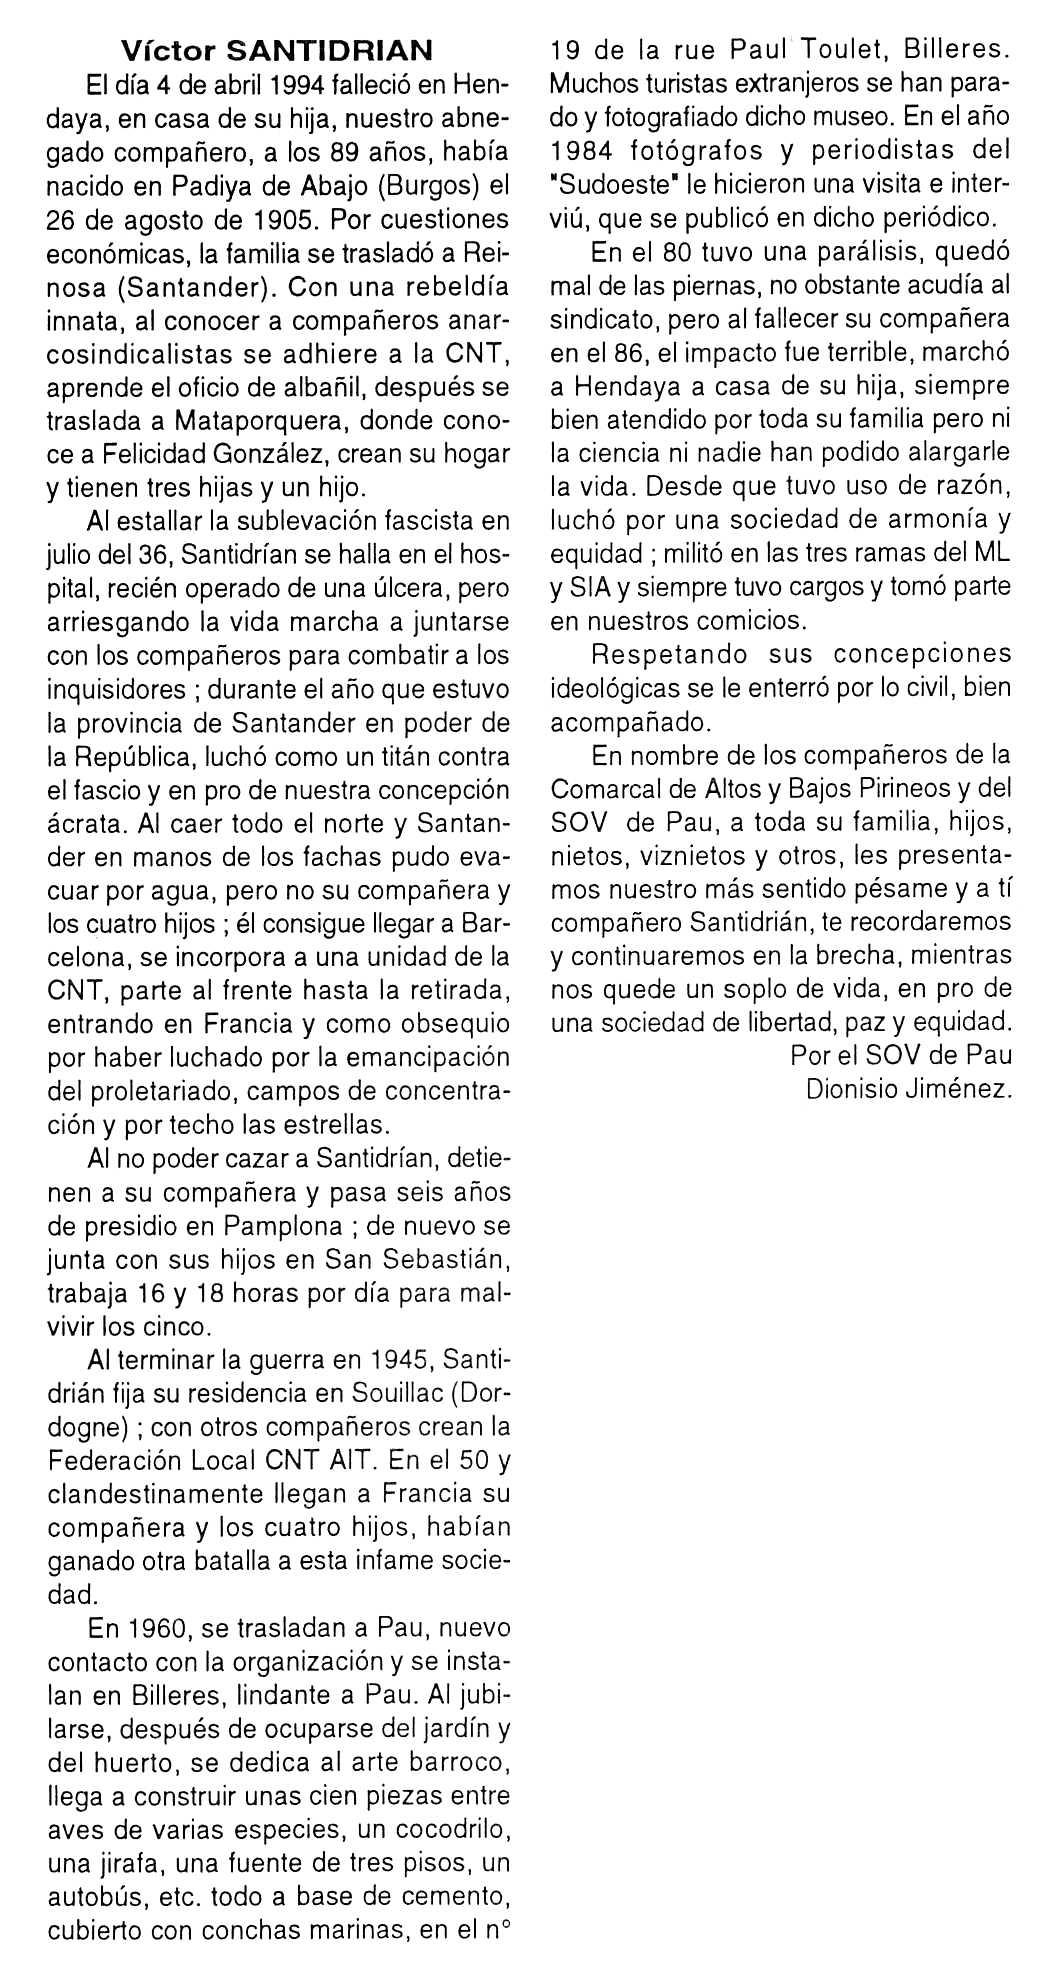 """Necrològica de Víctor Santidrián apareguda en el periòdic tolosà """"Cenit"""" del 14 de juny de 1994"""